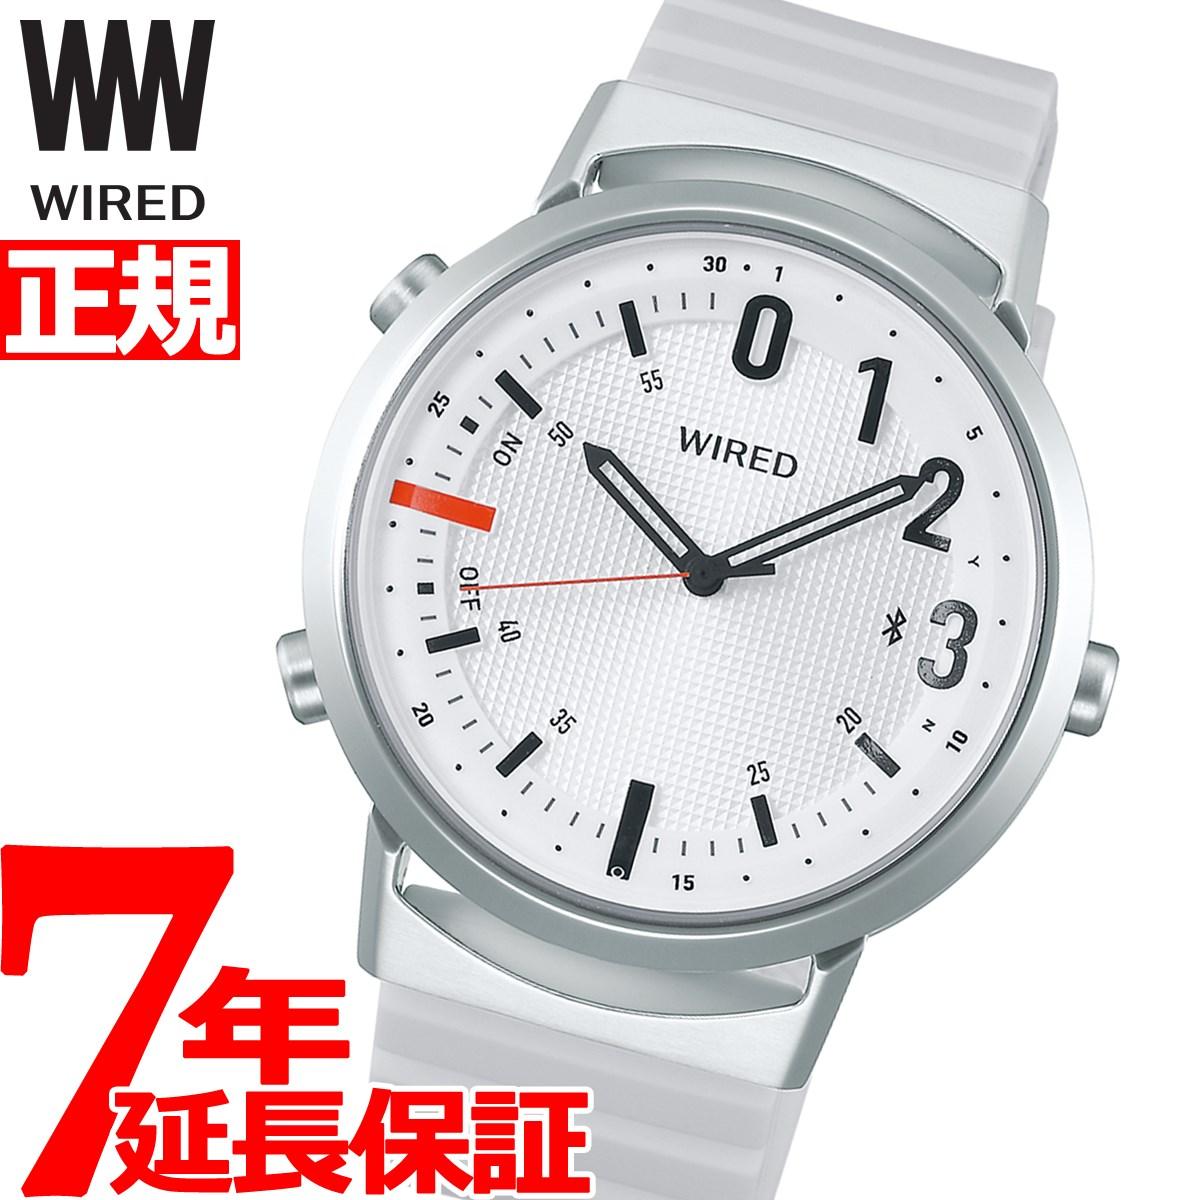 【5日0時~♪2000円OFFクーポン&店内ポイント最大51倍!5日23時59分まで】セイコー ワイアード ツーダブ SEIKO WIRED WW スマートウォッチ Bluetooth 腕時計 メンズ レディース TYPE02 AGAB407